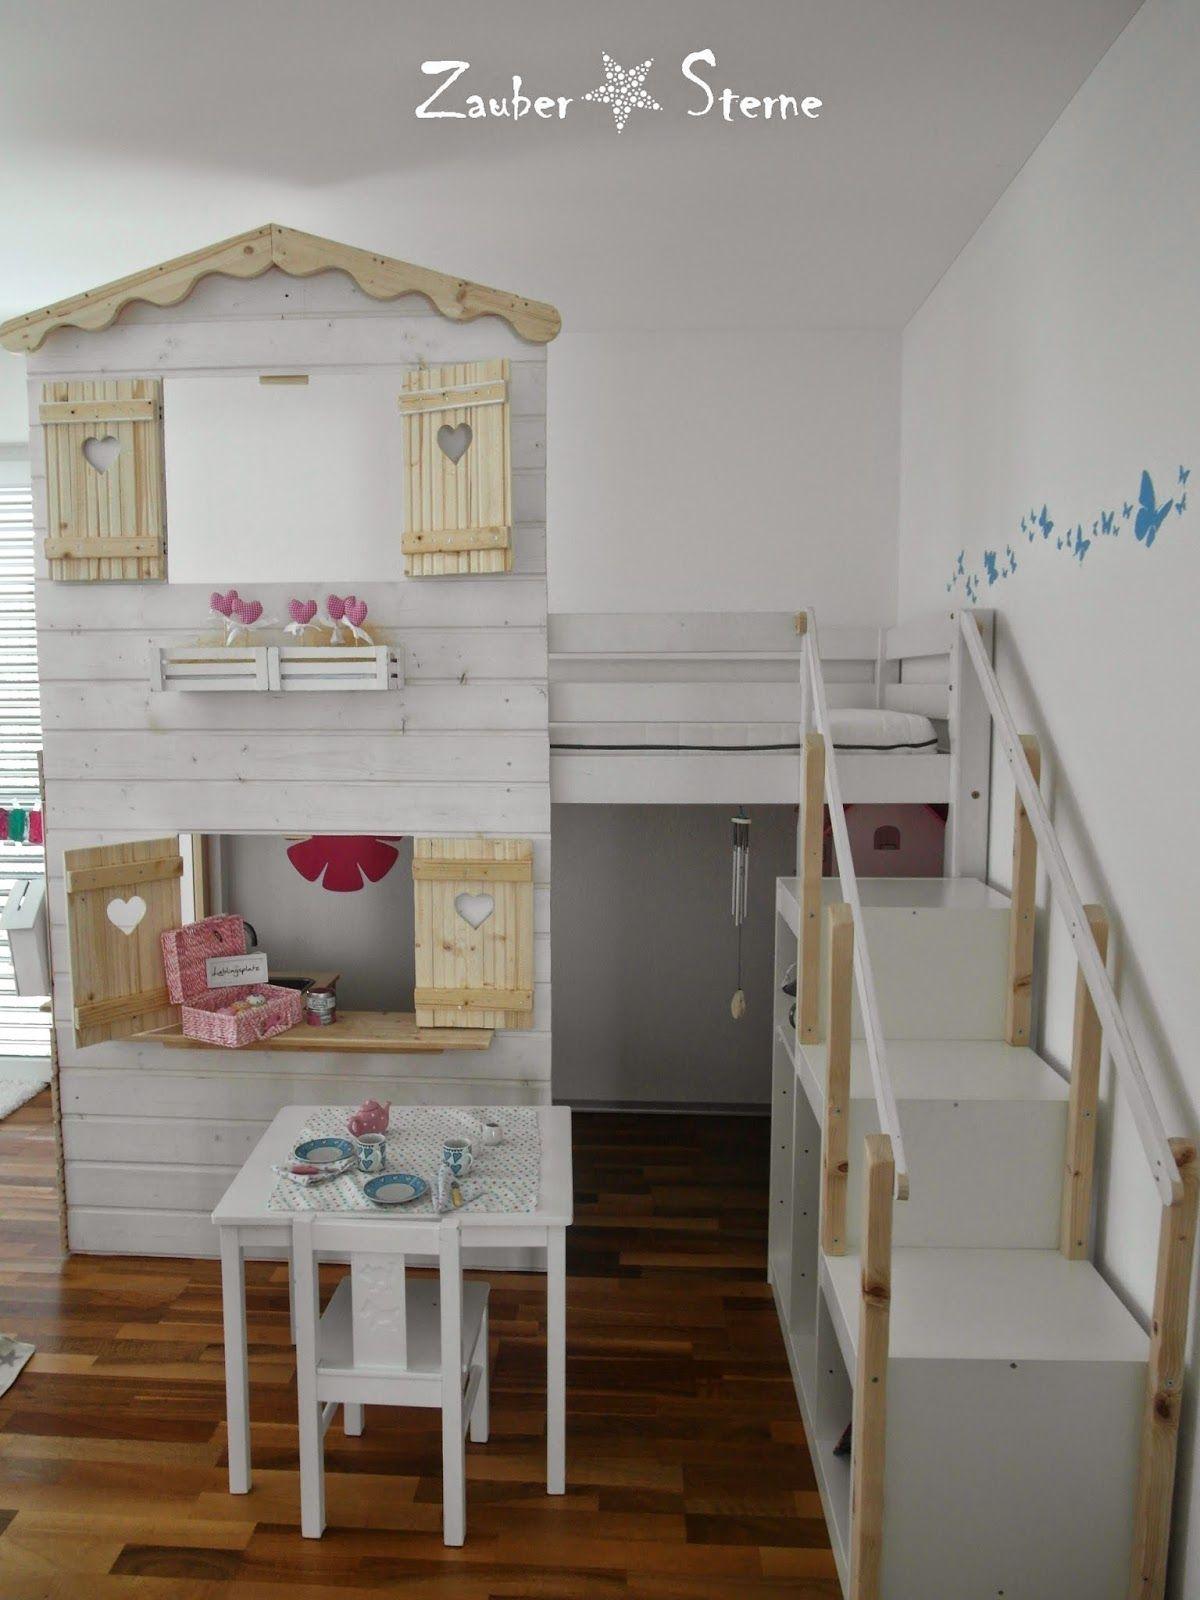 Kinder(t)raum Fortsetzung DIY Hochbetthaus Kinder